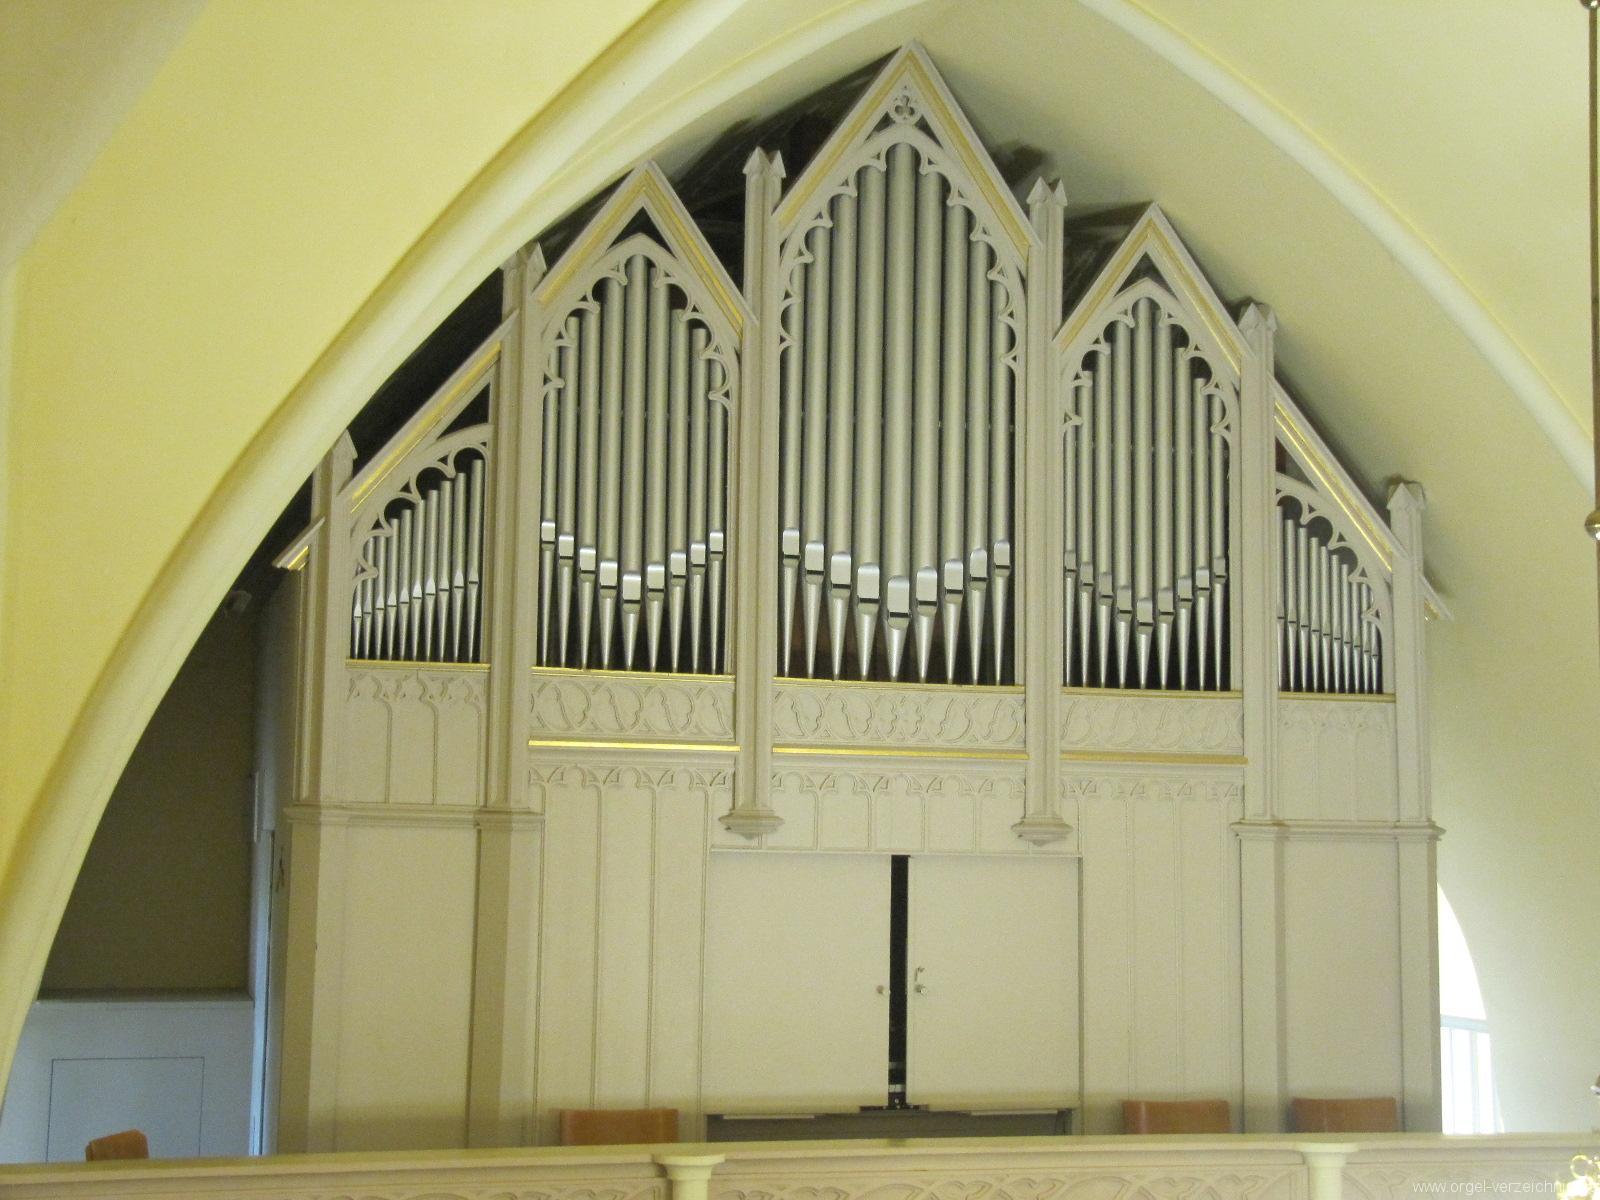 Großbeeren Evangelische Dorfkirche Prospekt (1)